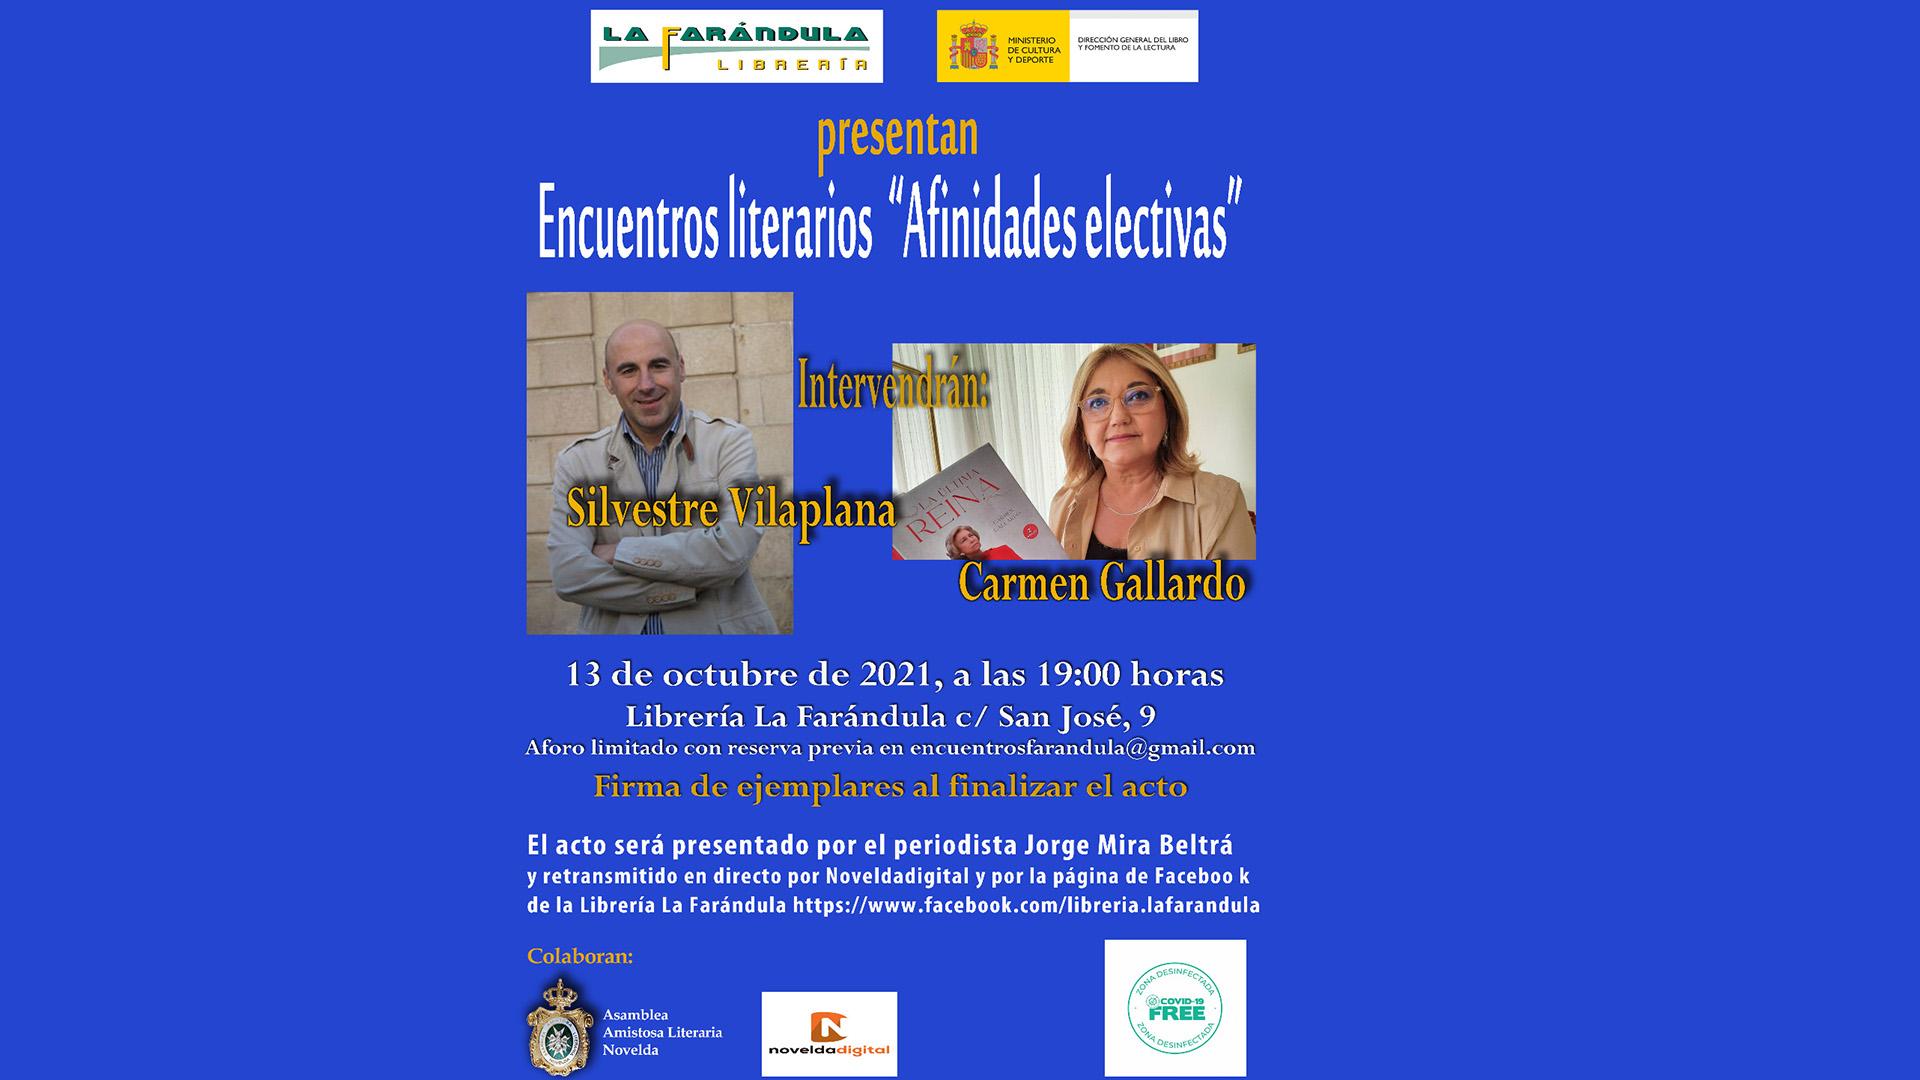 Encuentro literario entre Carmen Gallardo y Silvestre Vilaplana en la Farándula